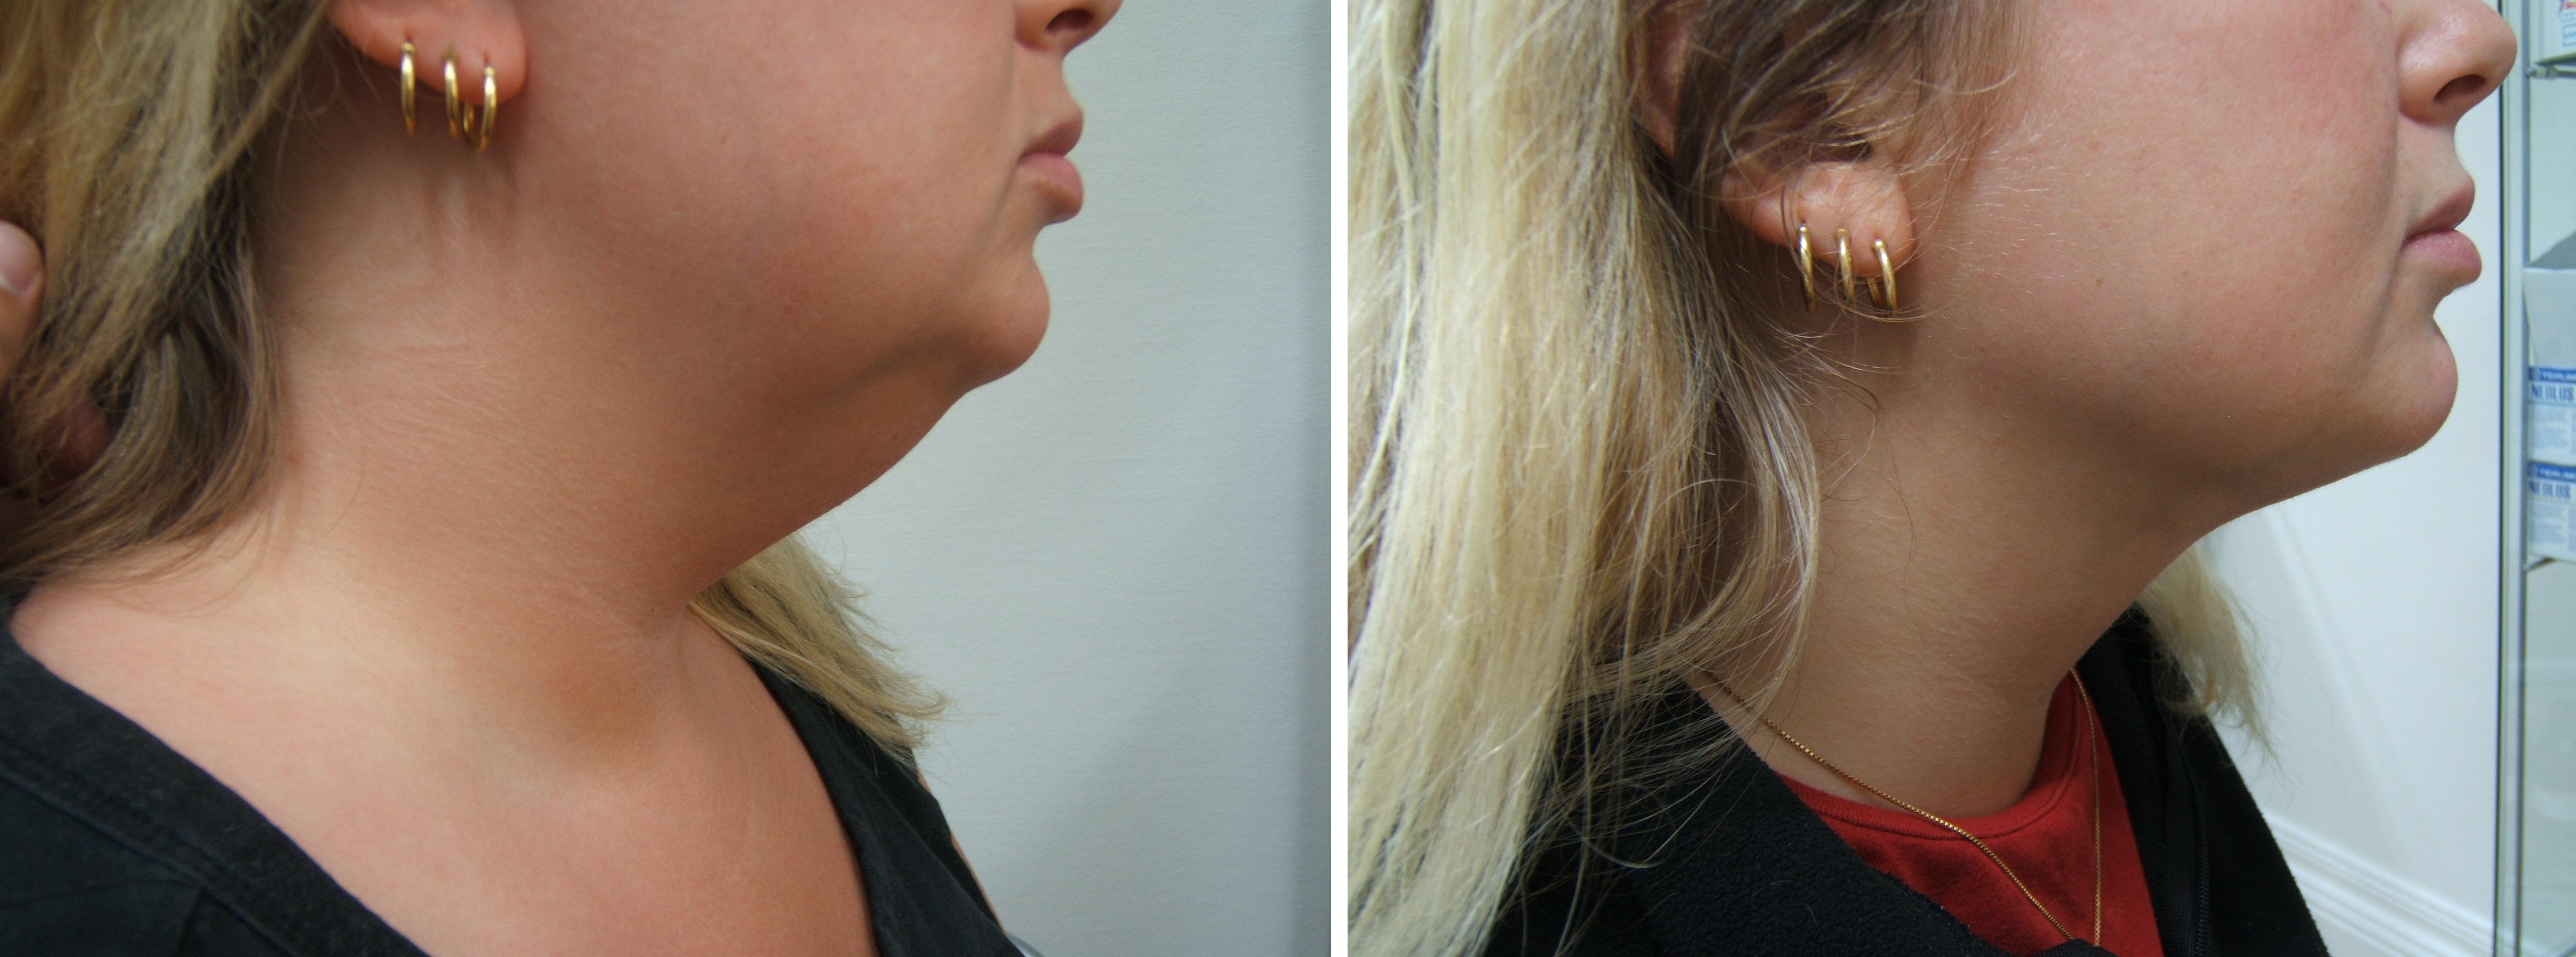 Före & Efter fettsugning utav haka